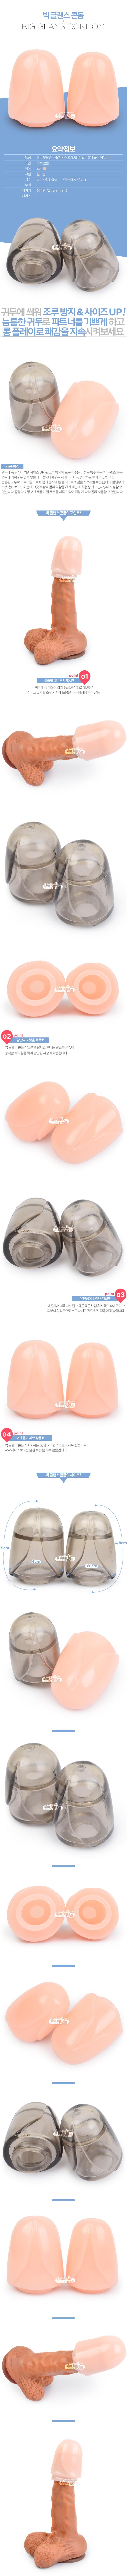 [귀두 자극 보호] 빅 글랜스 콘돔(Big Glans Condom) - 00410A (JTN)